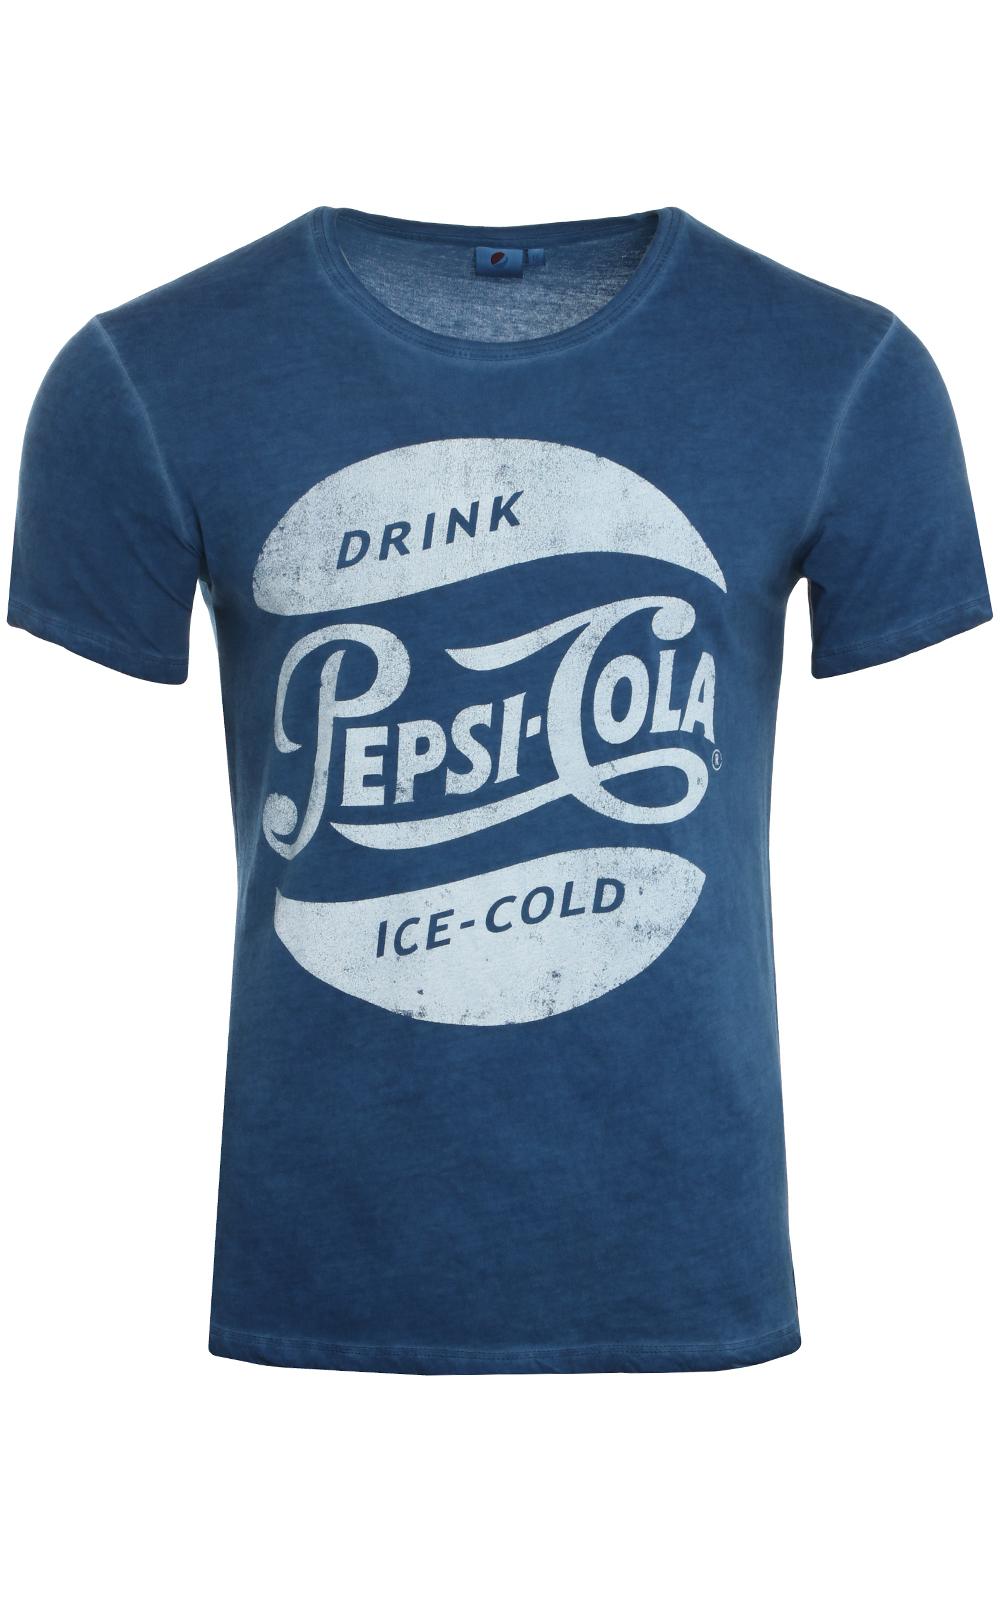 [OUTLET46] PepsiCo Herren T-Shirt Blau - Größe S